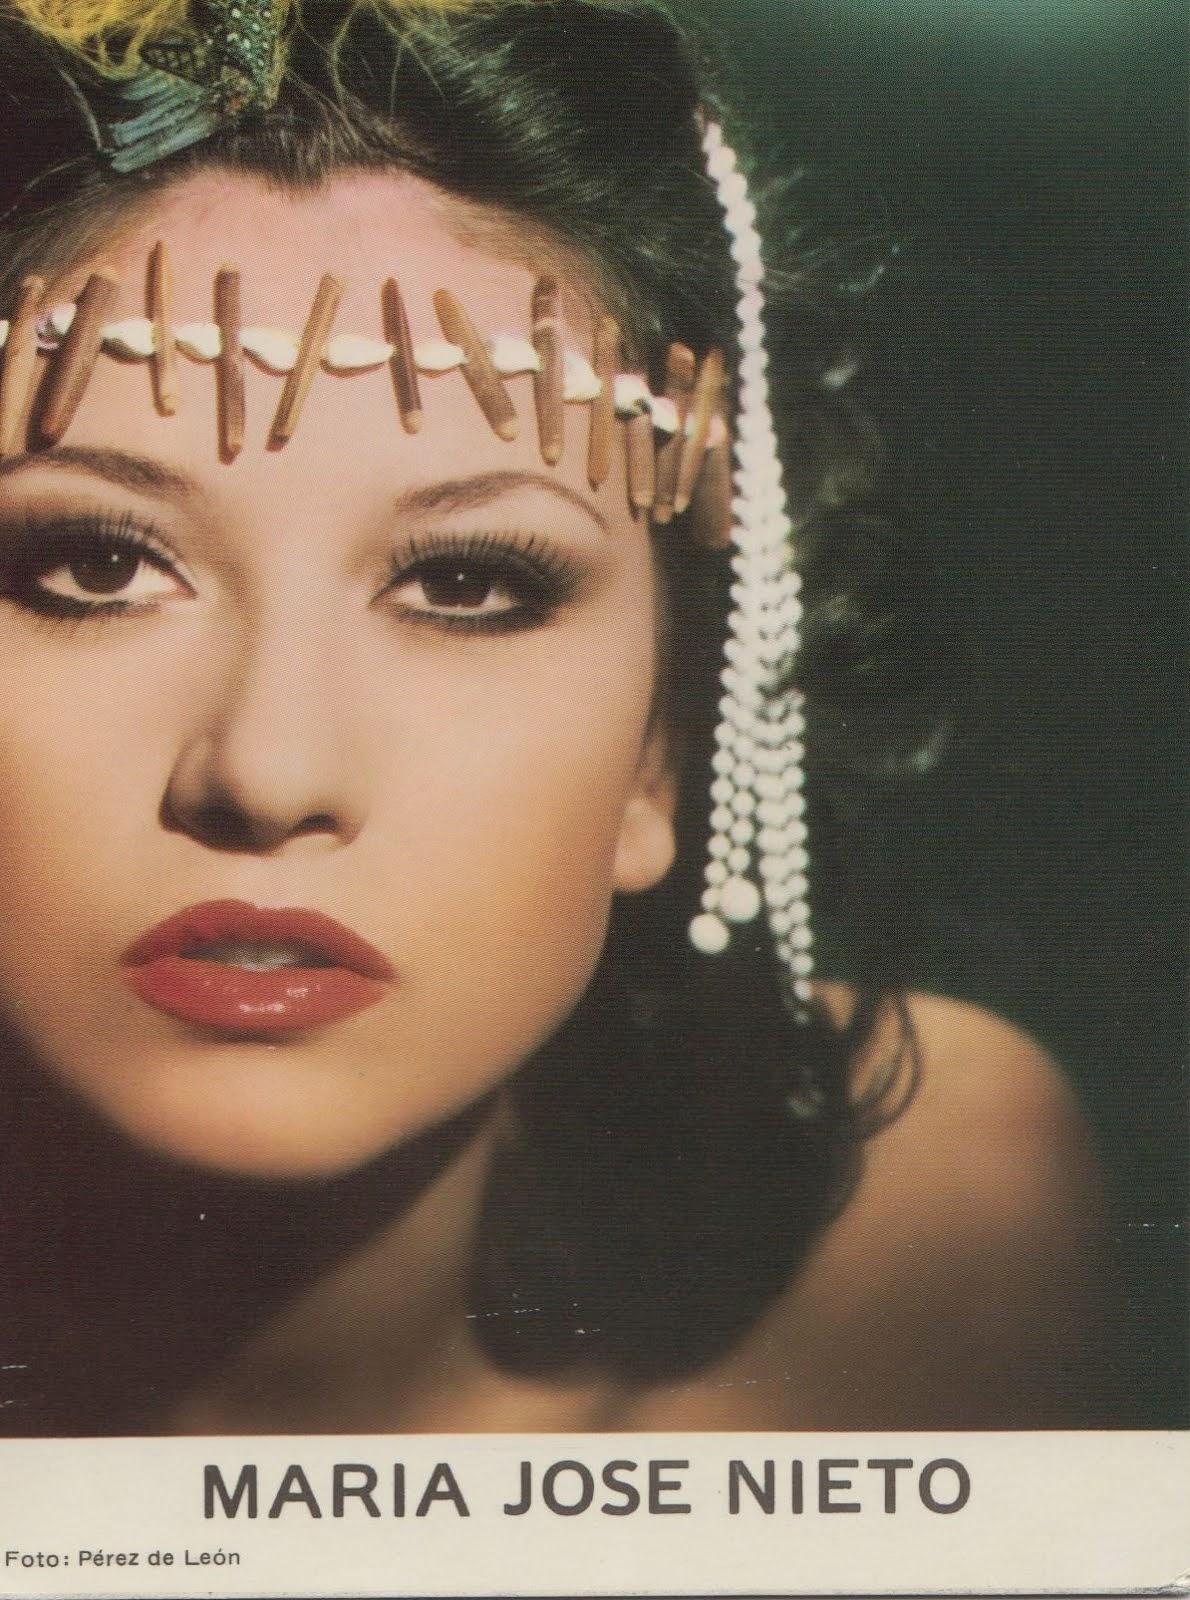 Reserva la biografía de María José Nieto